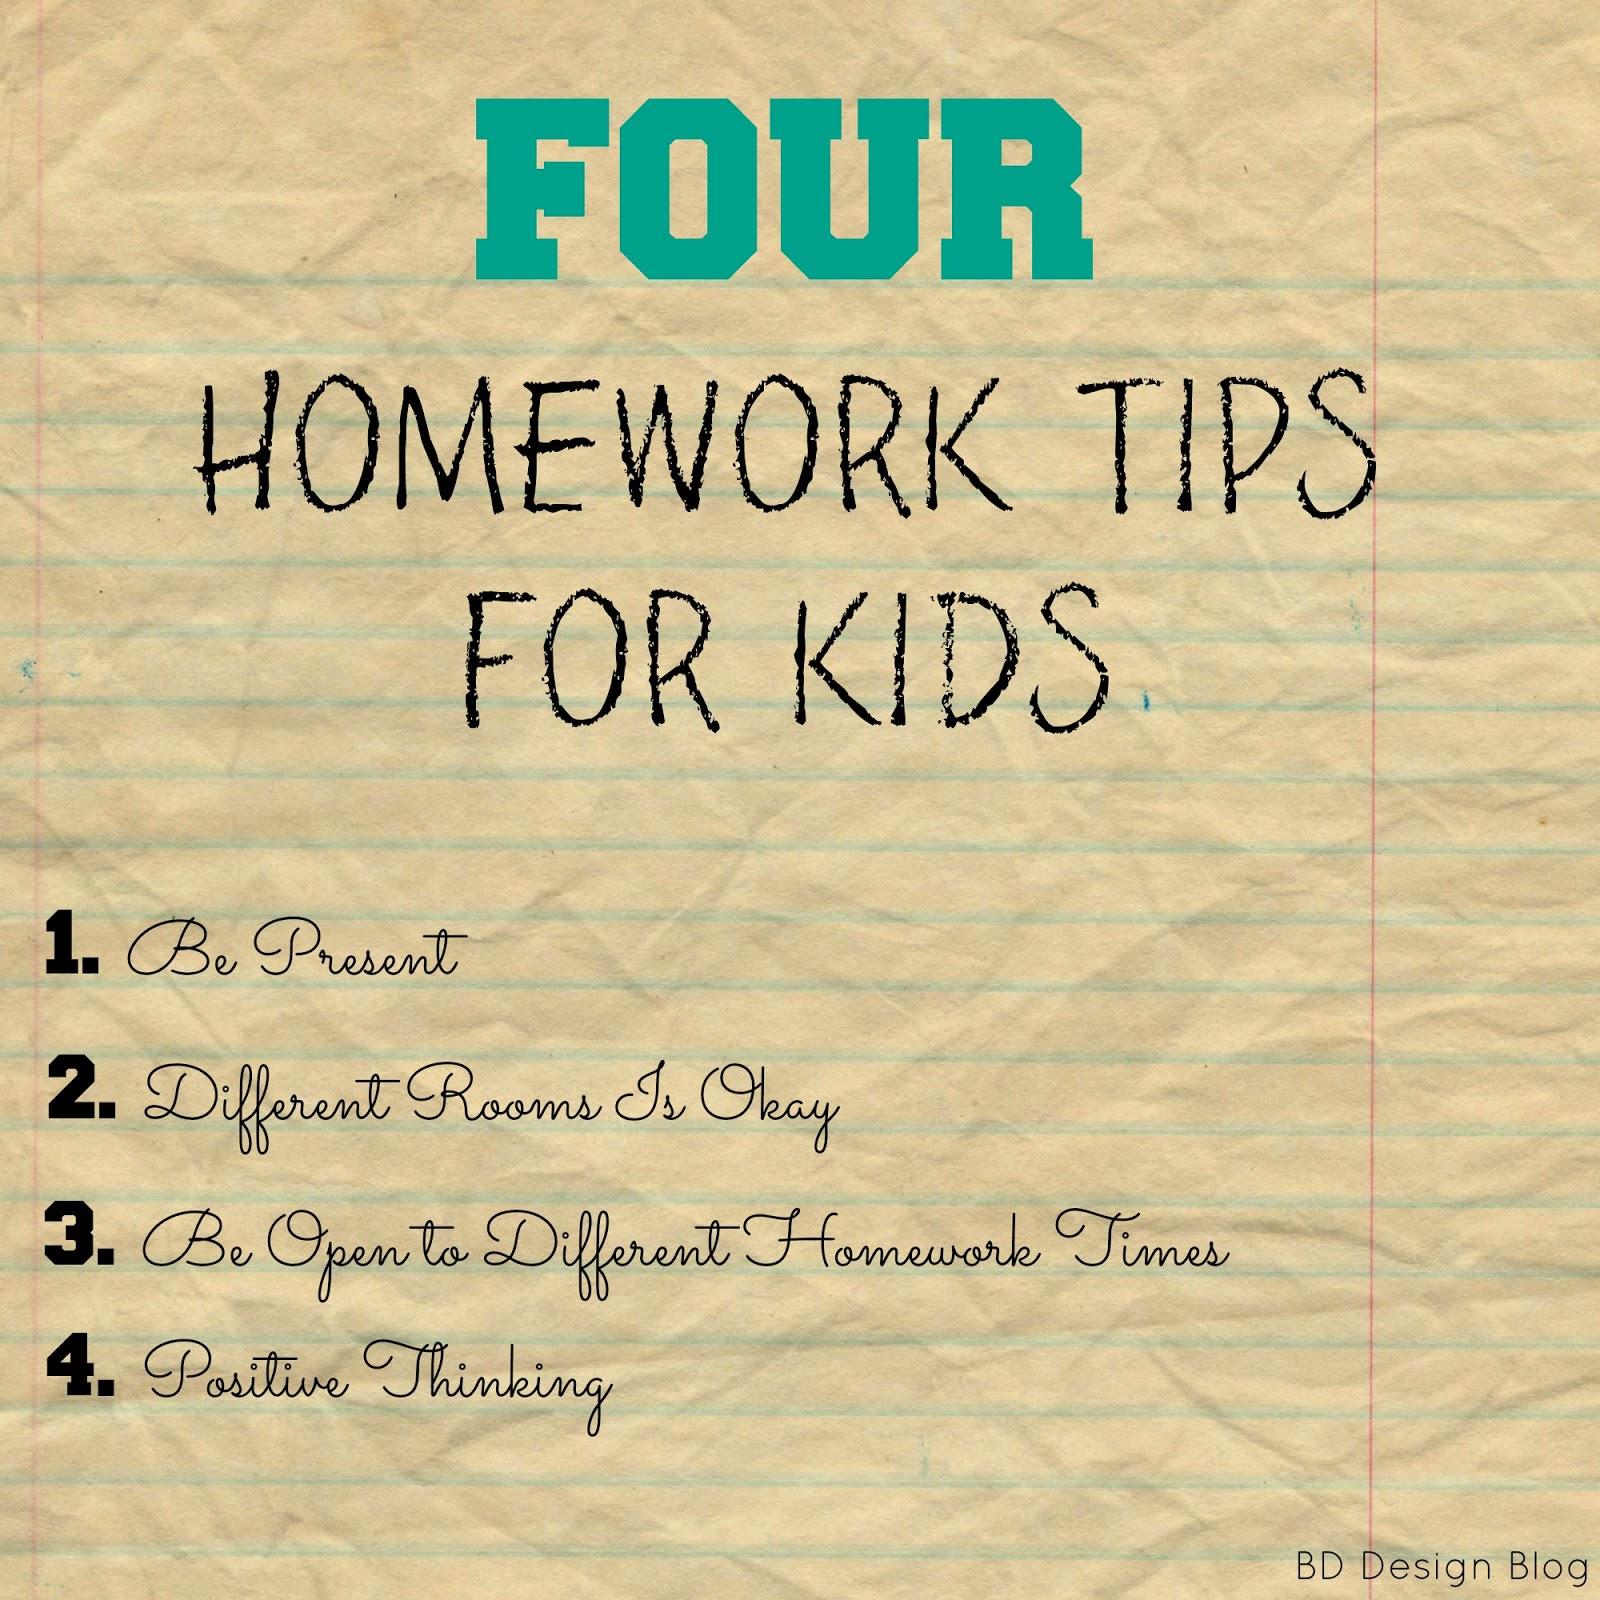 homework for kids